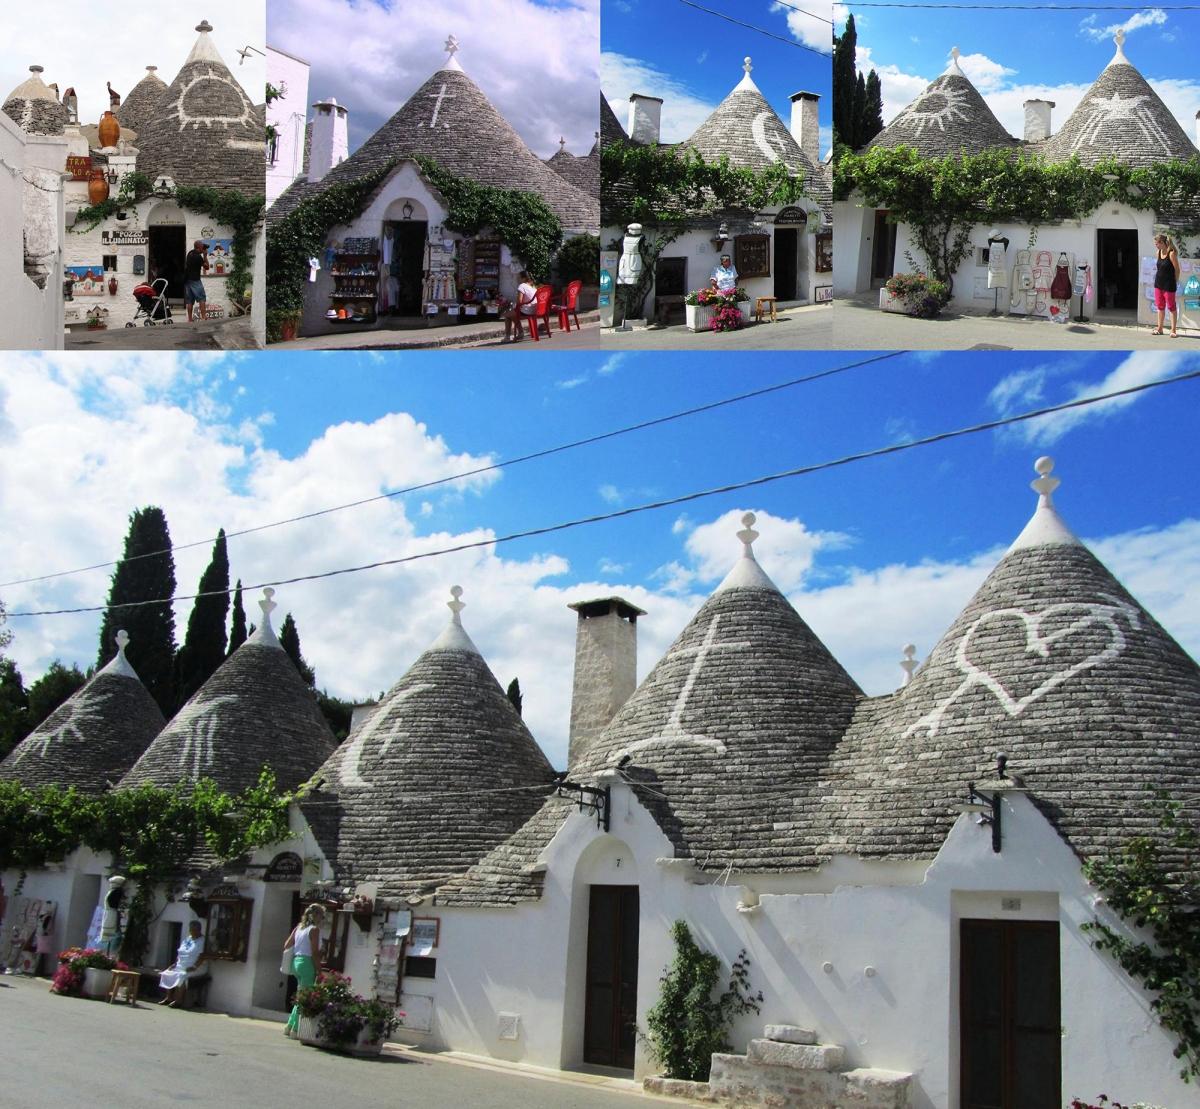 Ngôi làng xinh xắn có khá nhiều bảo tàng như bảo tàng di sản hay các bảo tàng về thủ công mỹ nghệ, dầu ô liu đều nằm trong các ngôi nhà cổ của thị trấn.